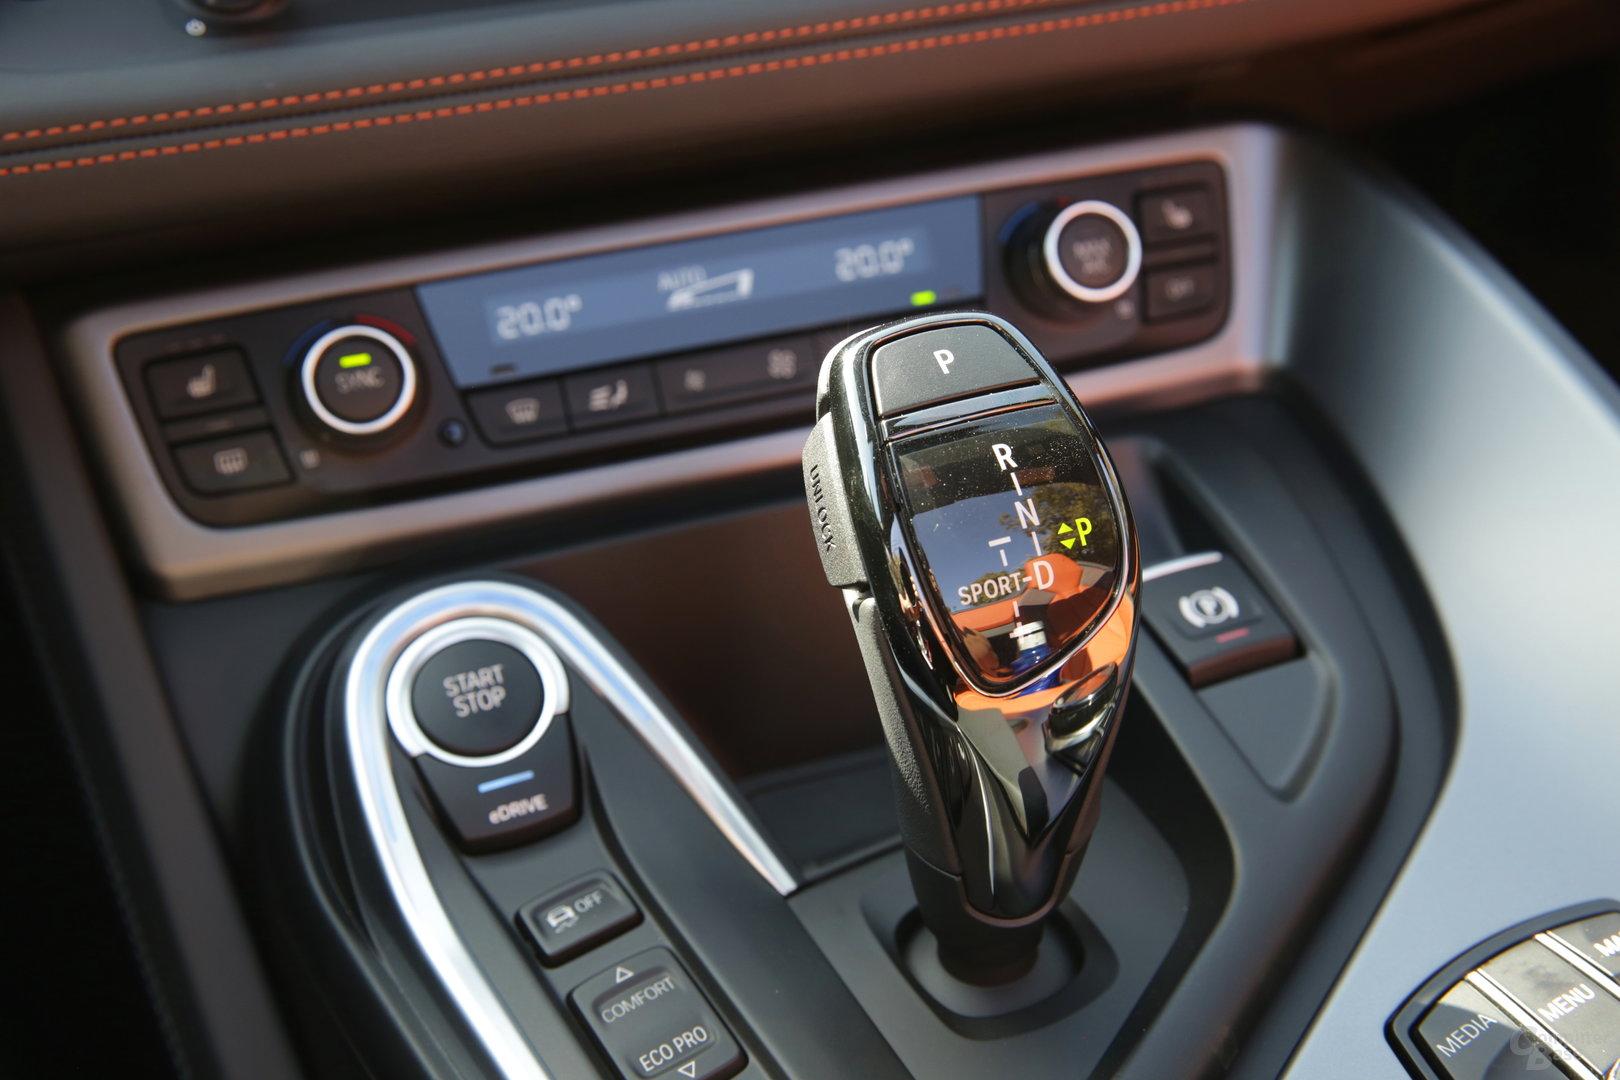 BMW i8 Roadster – Wählhebel für Sportmodus